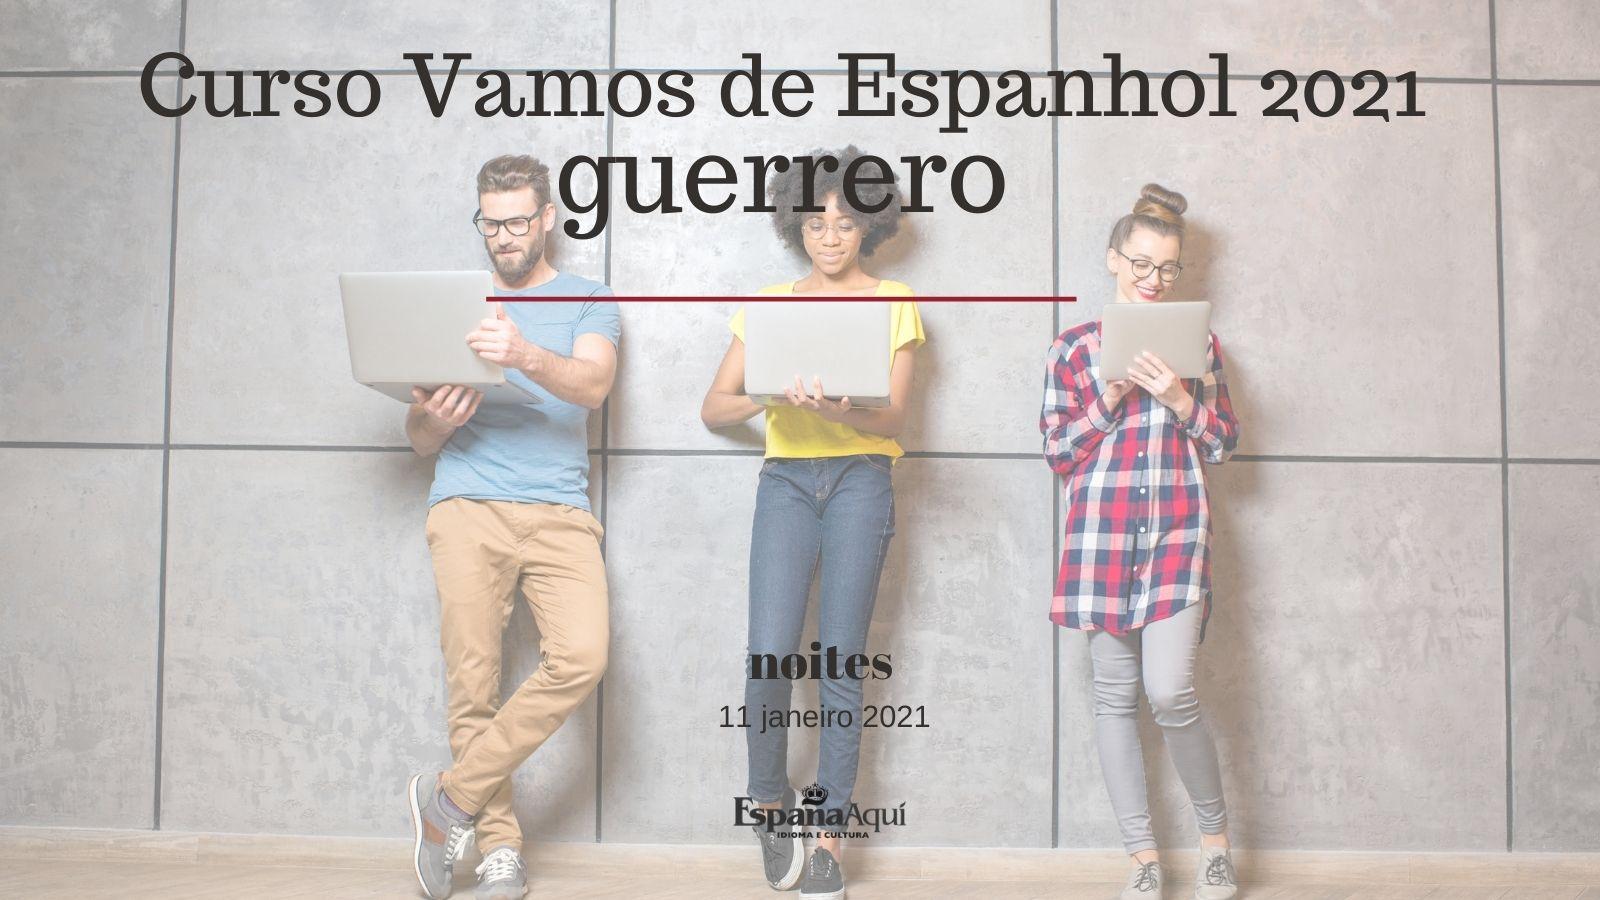 https://www.espanaaqui.com.br/pdf/fevereiro%202021/priorit%c3%a1rio%20guerrero....jpg